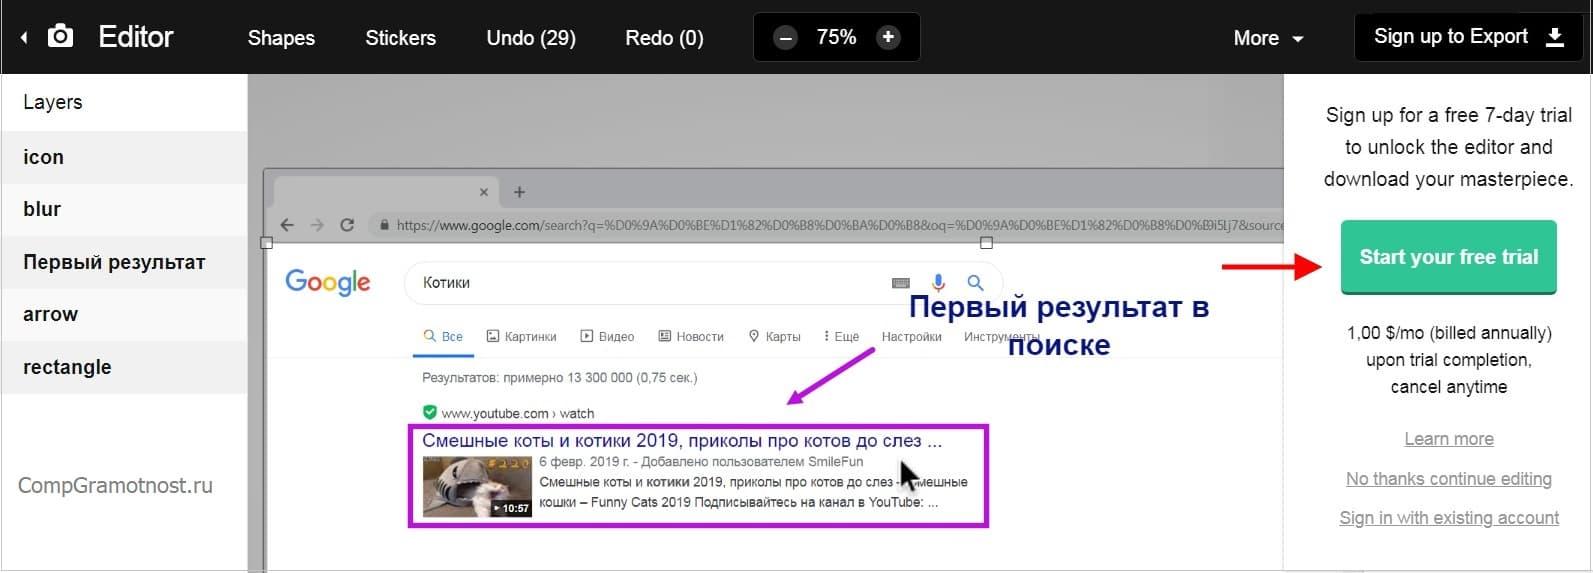 Сохранение отредактированного скриншота